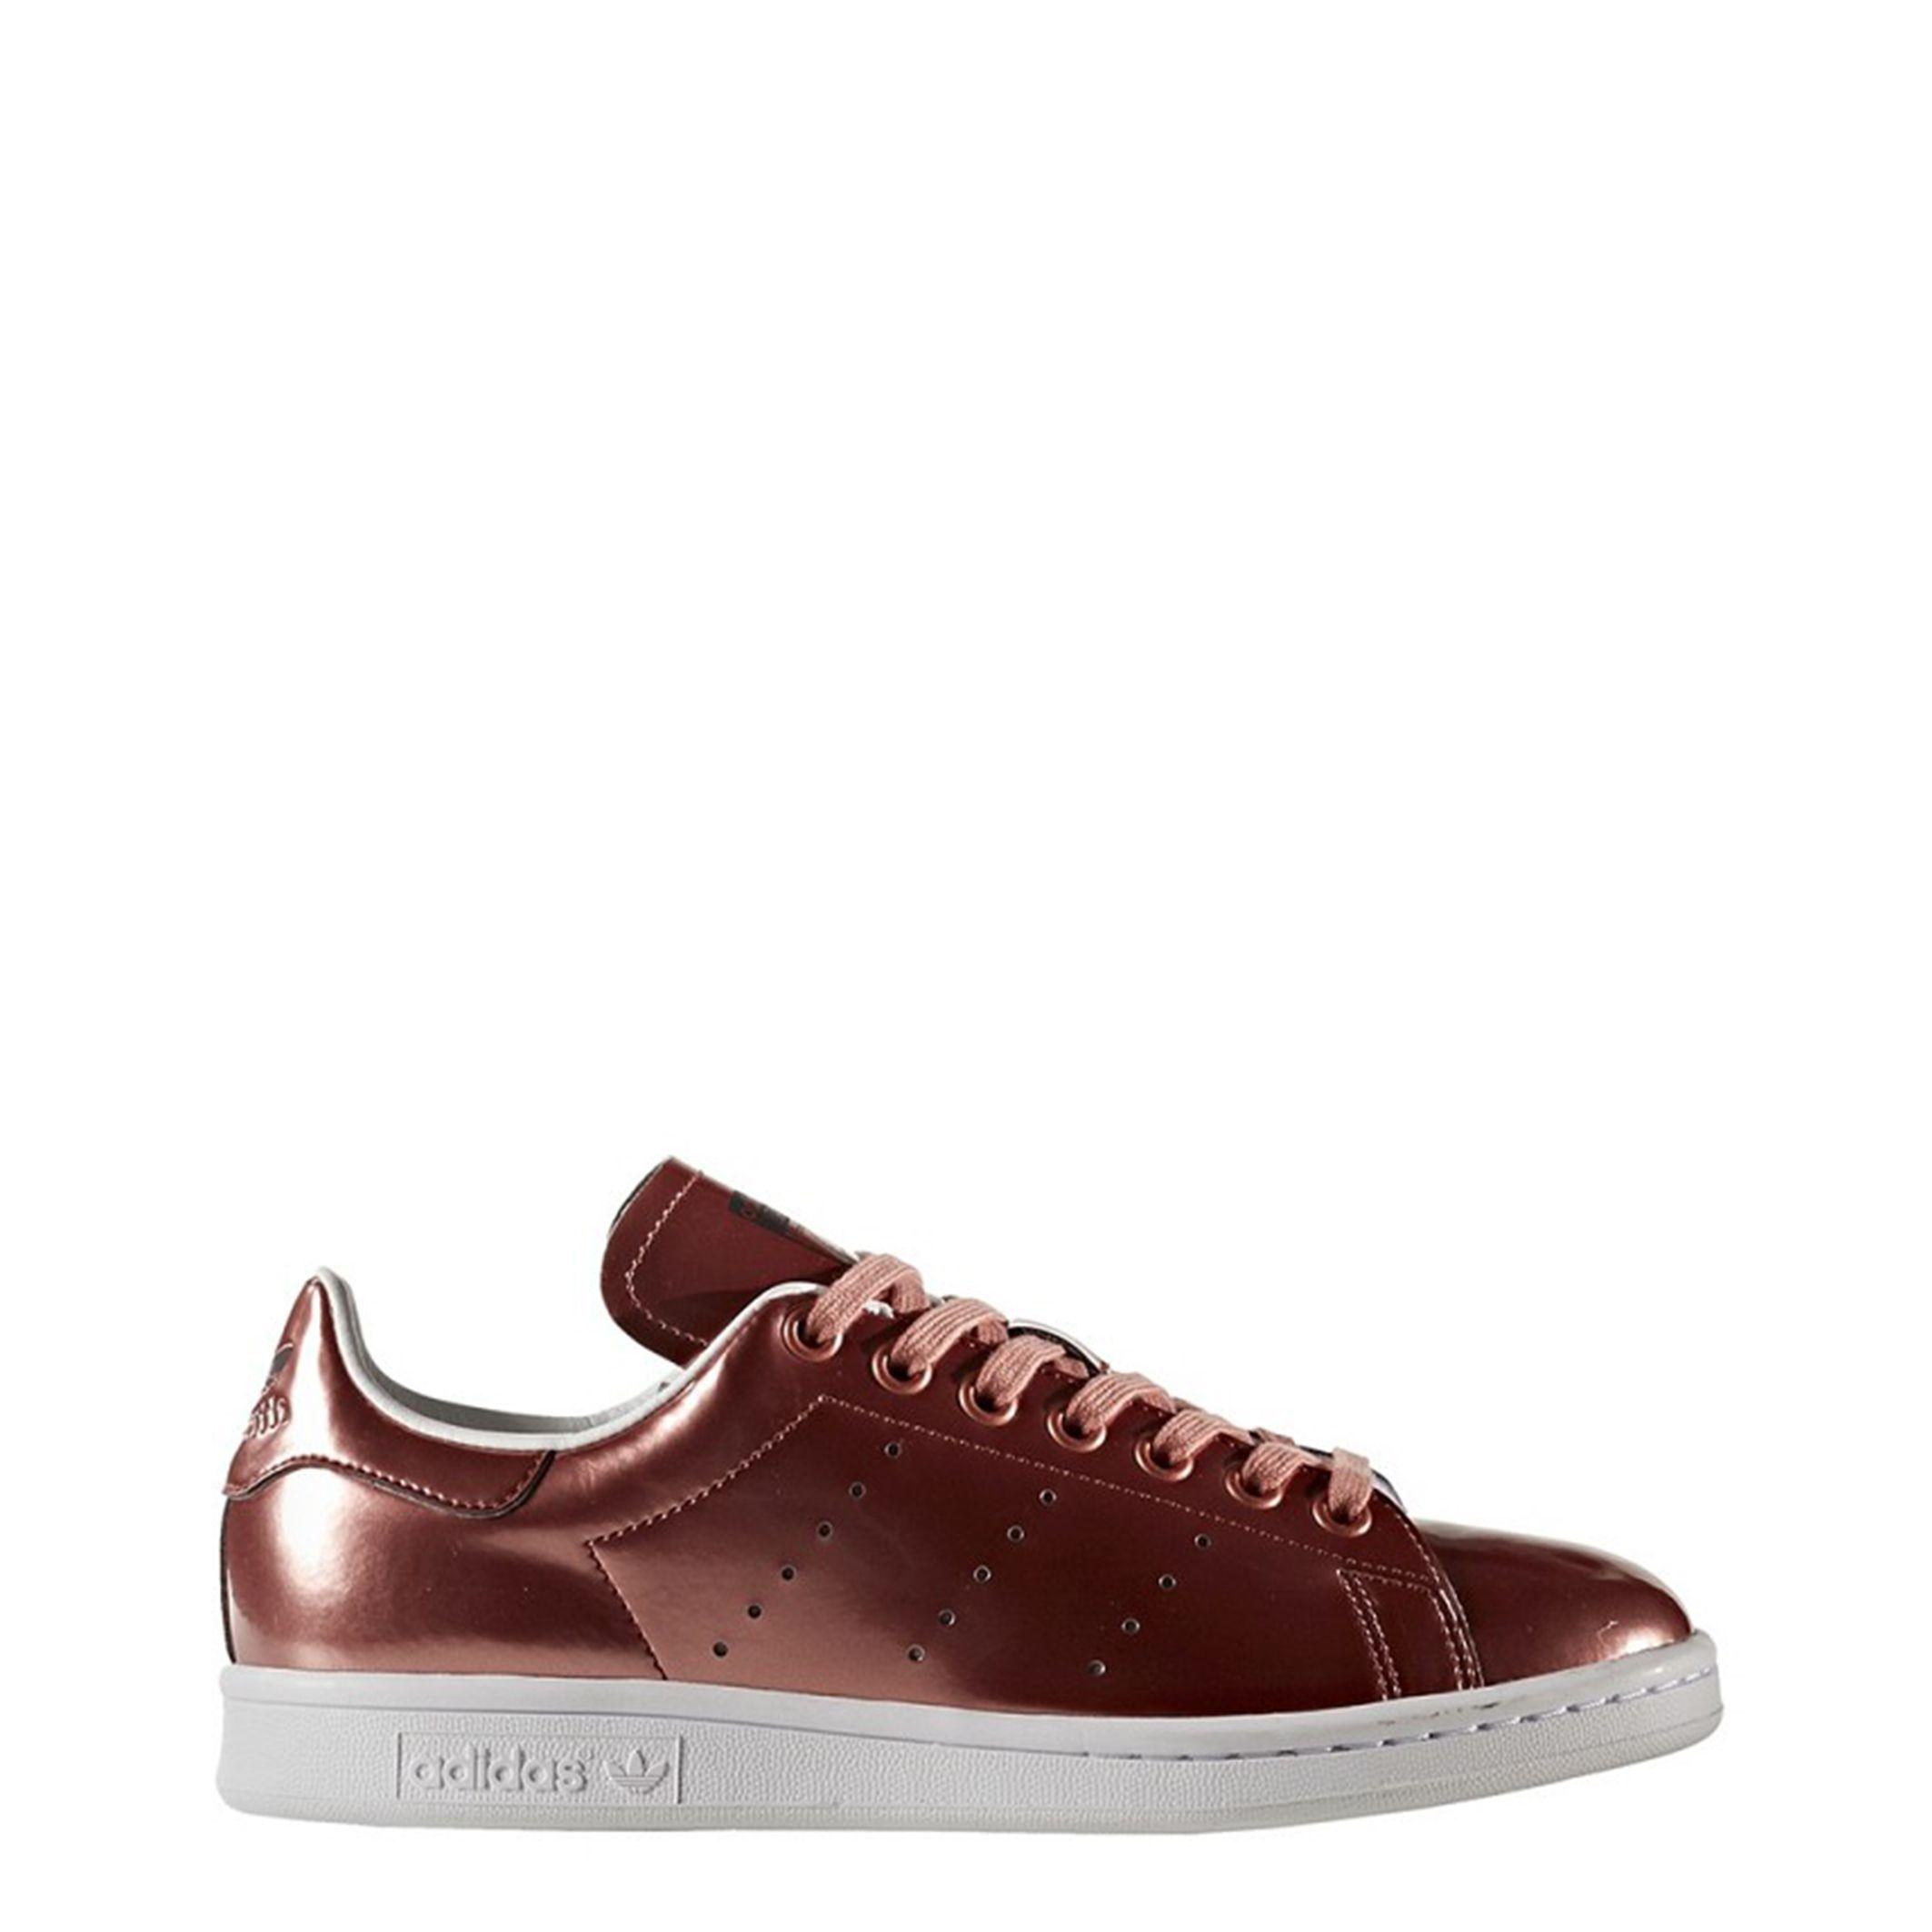 adidas rosso donna scarpe